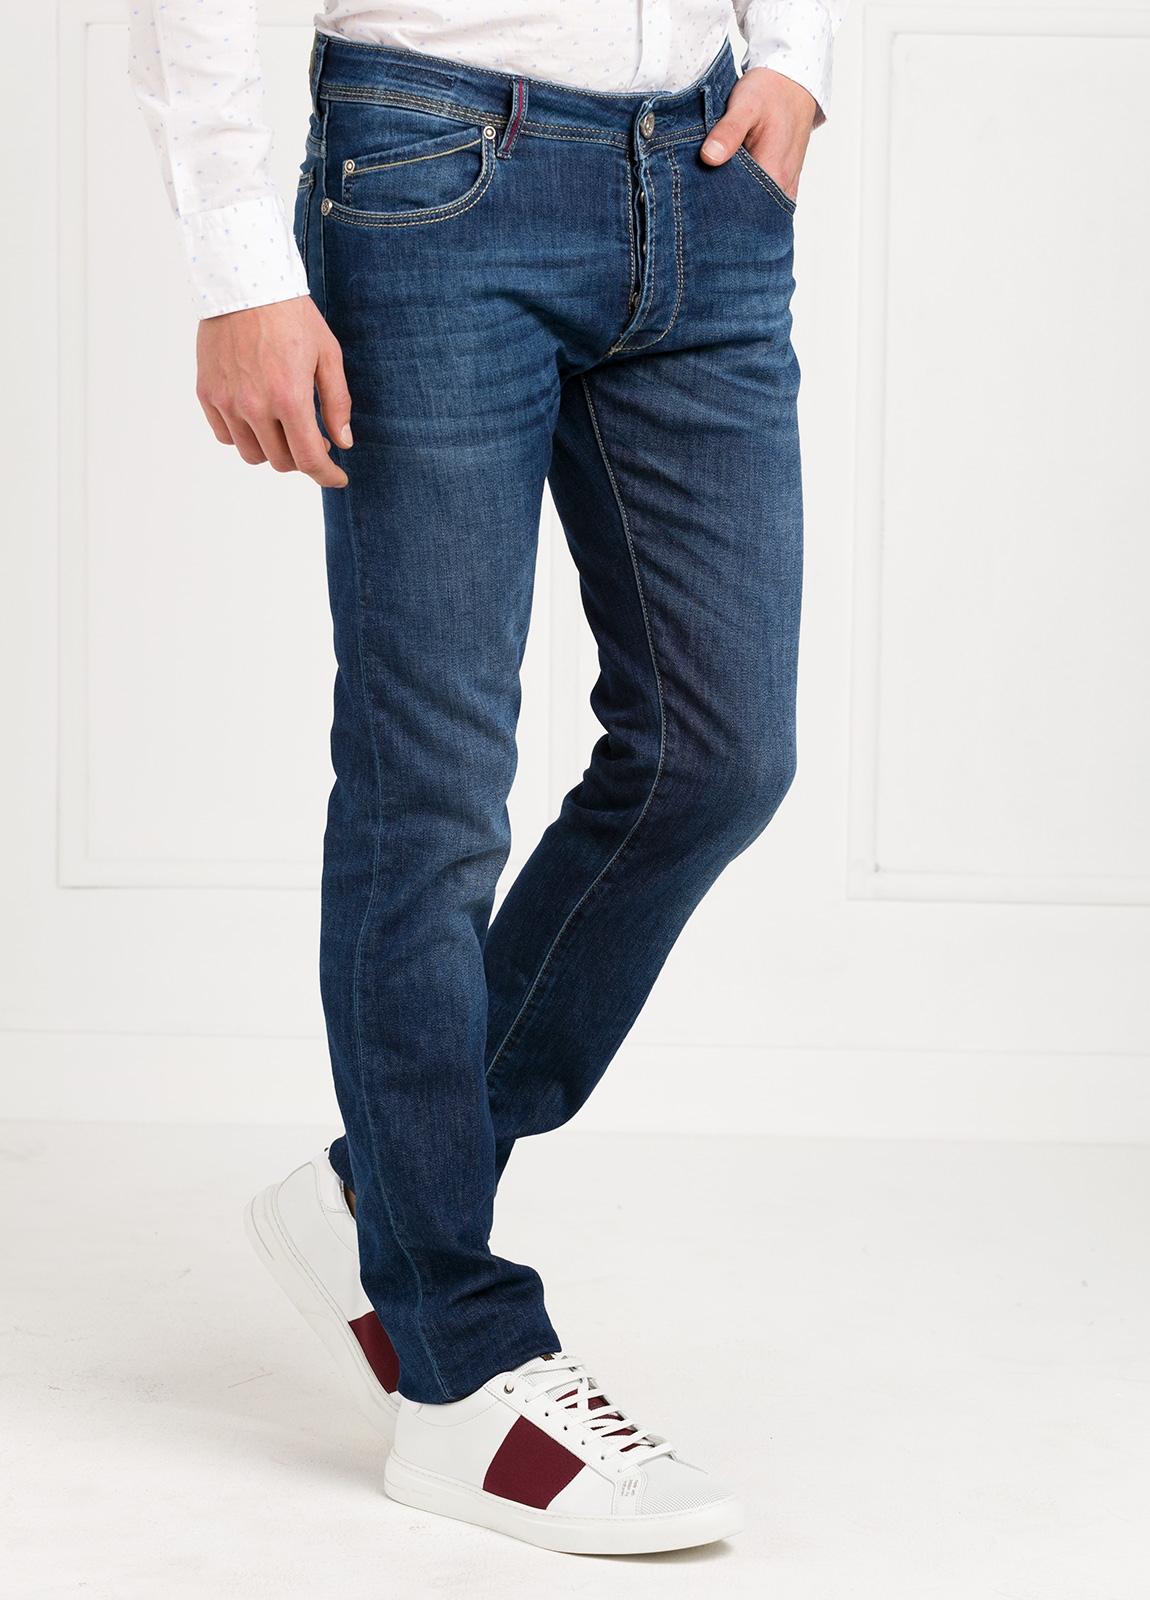 Pantalón tejano modelo POLLOCK P053 color azul. 92% Algodón, 6% Elastomultiéster, 2% Elastáno.